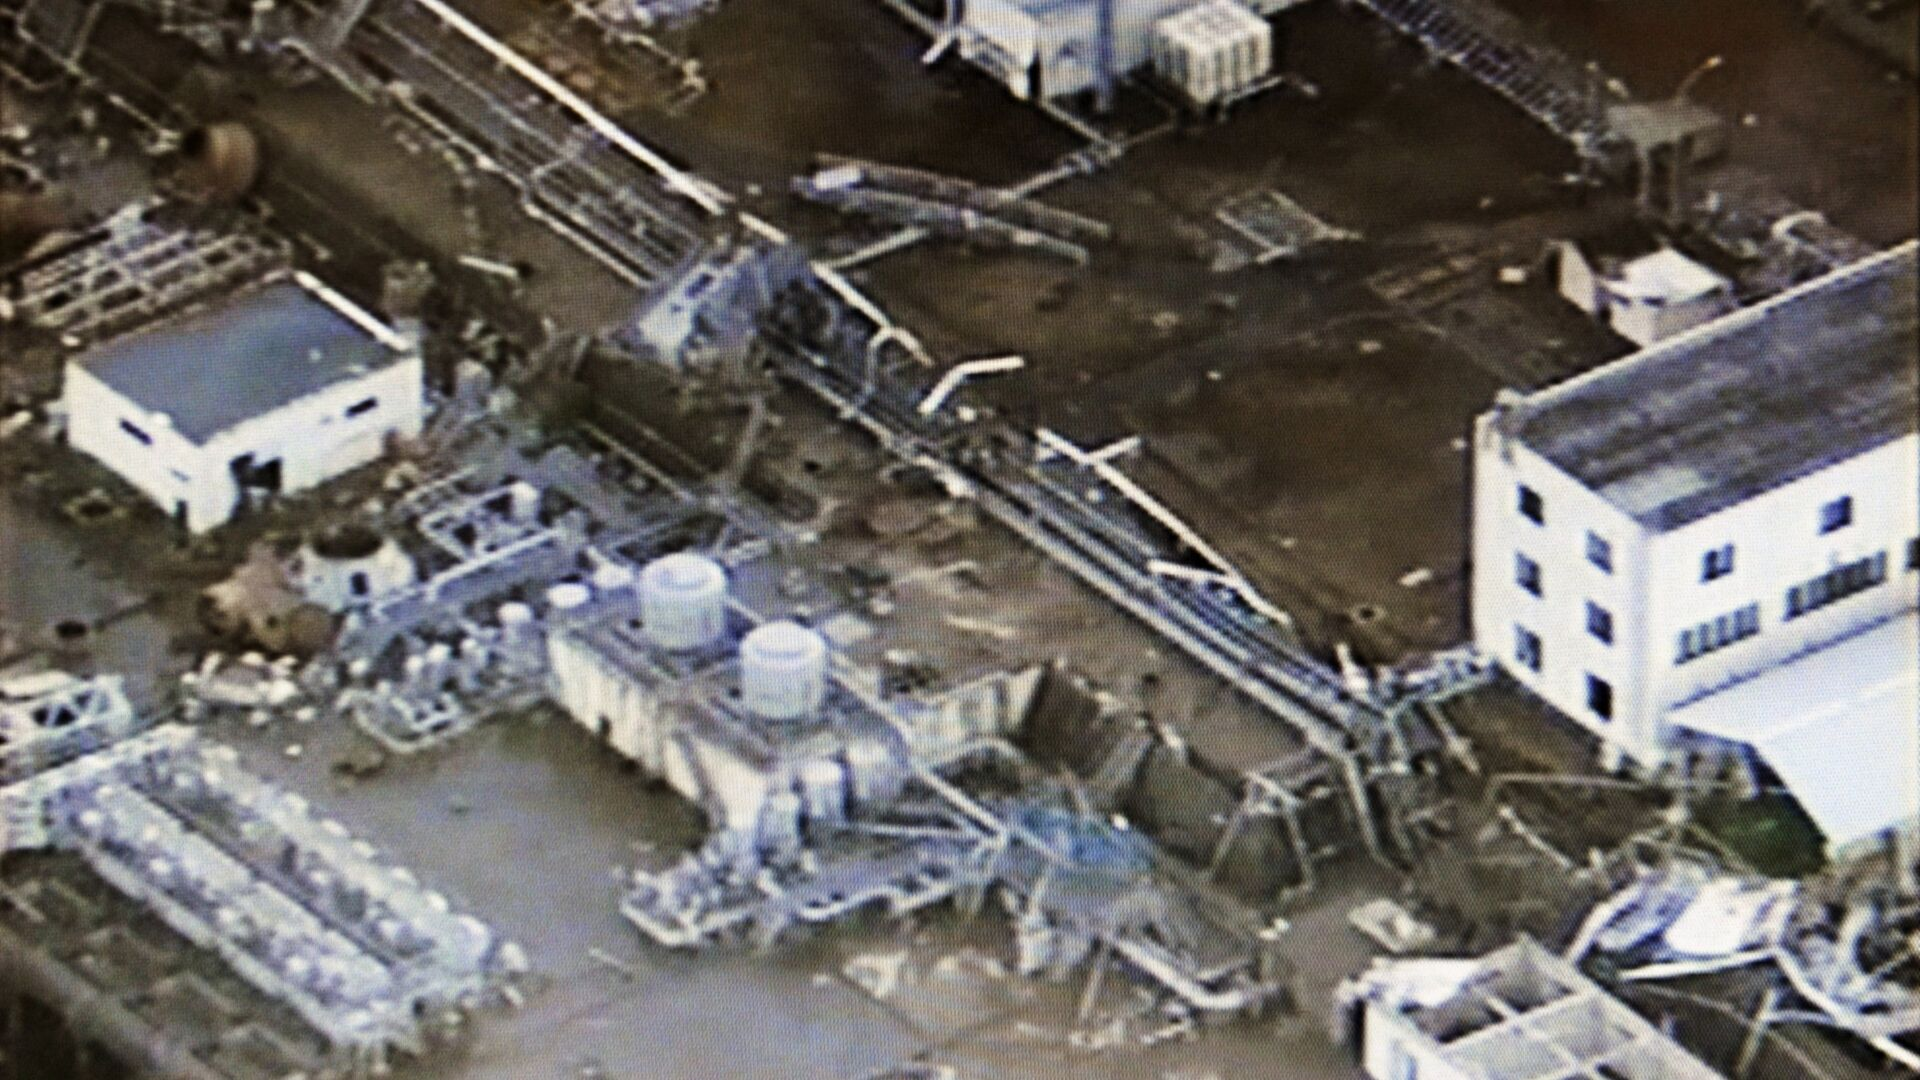 Последствия аварии на АЭС Фукусима-1 в марте 2011 года  - РИА Новости, 1920, 13.04.2021